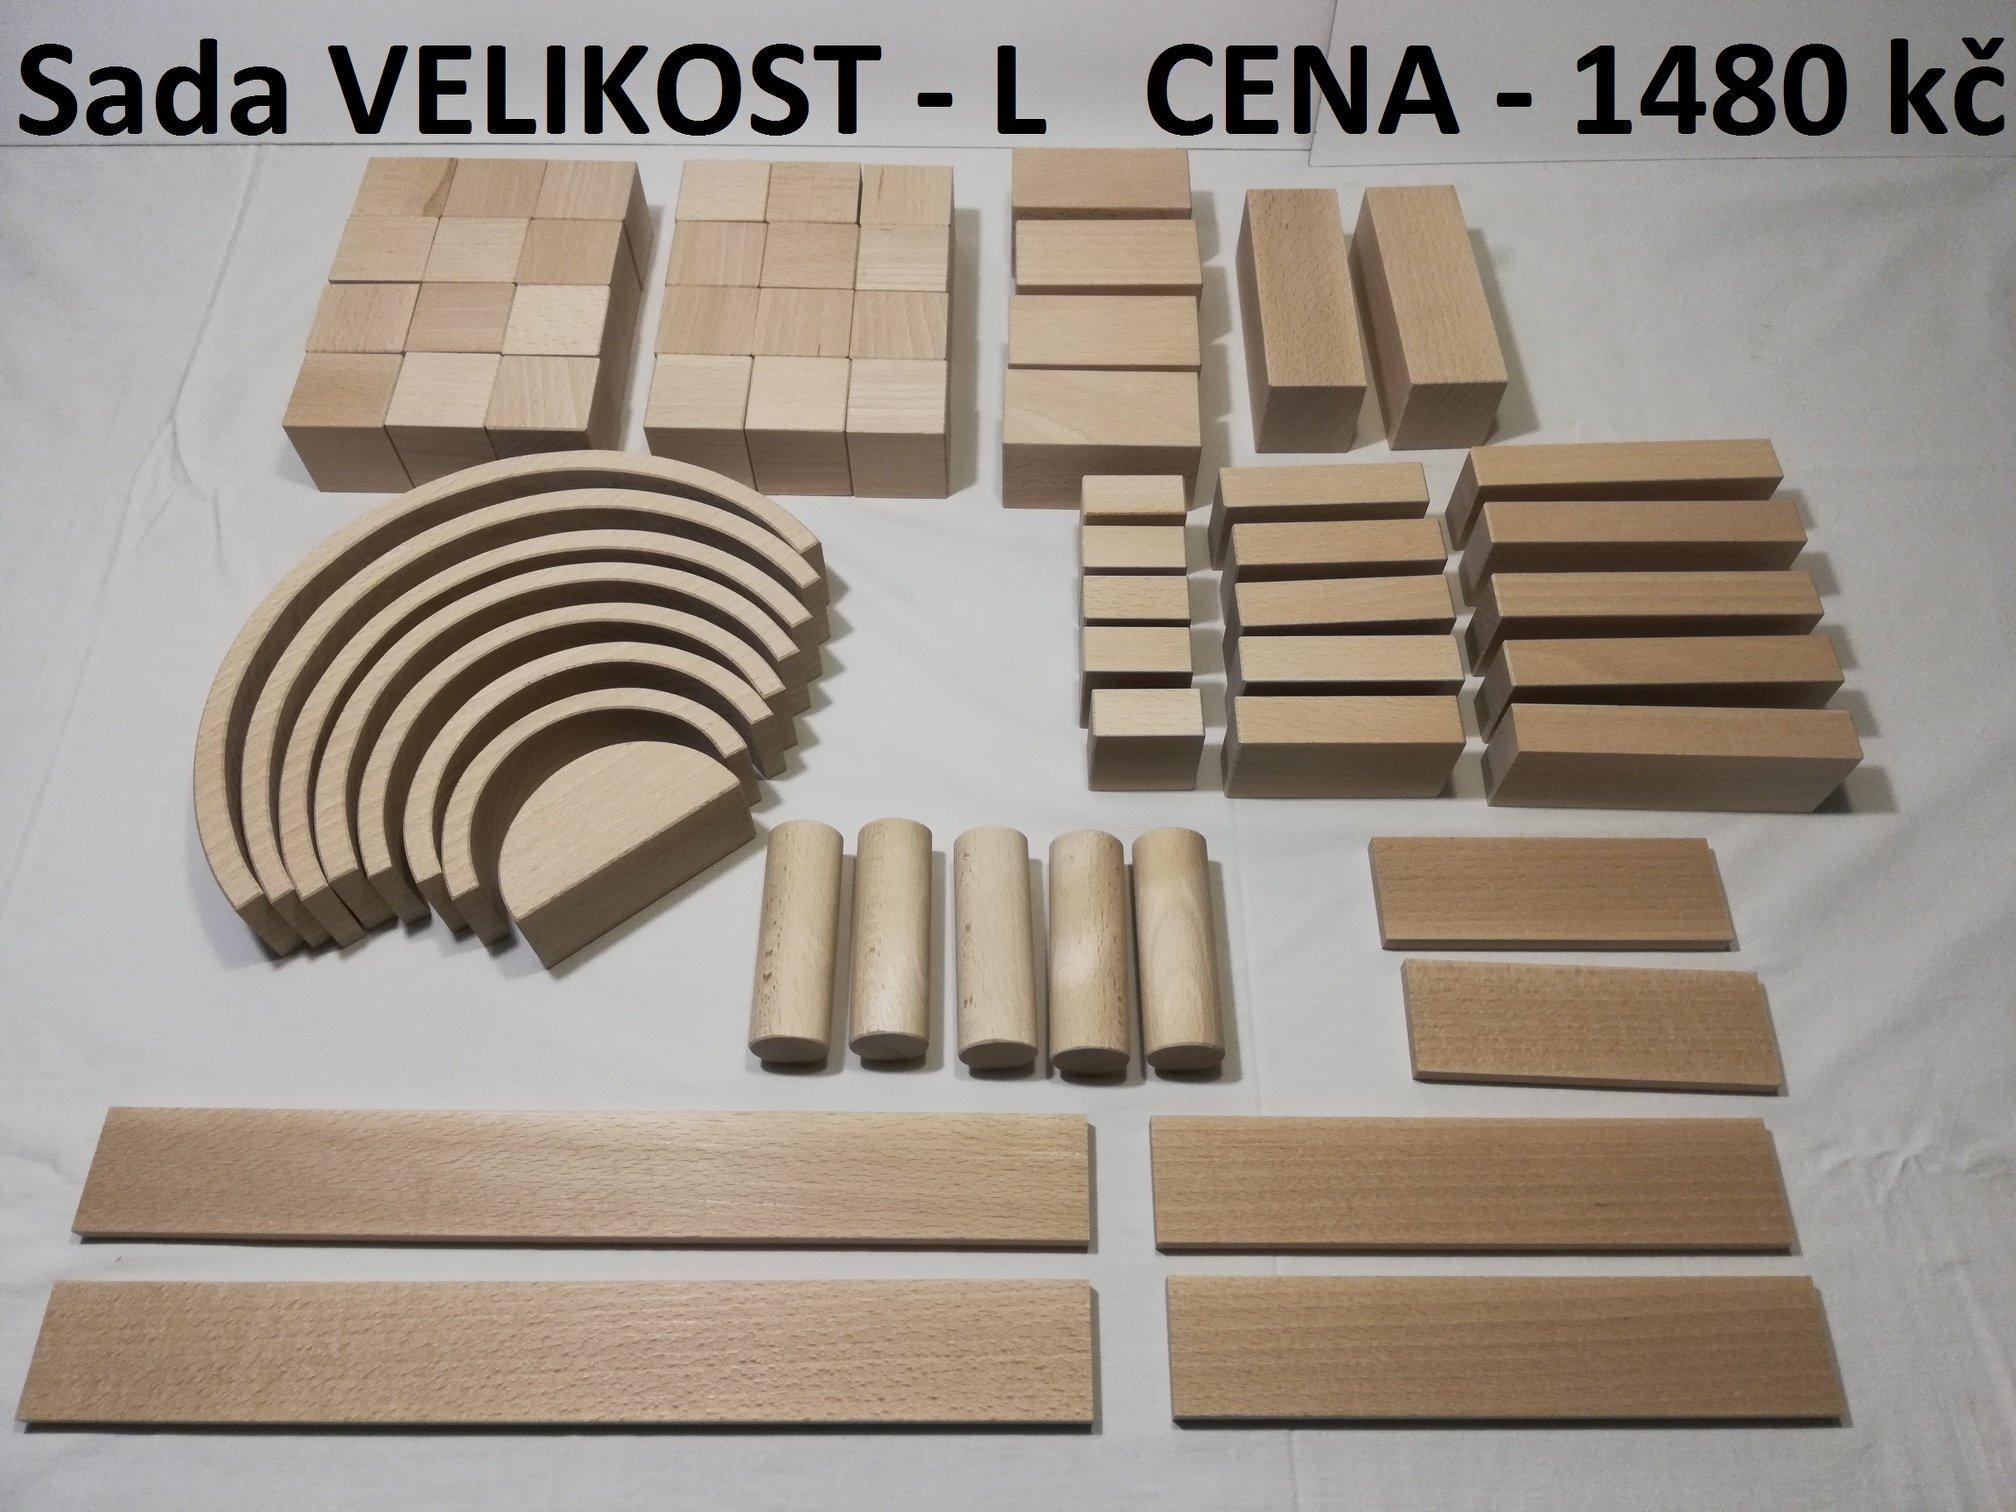 item-424898918